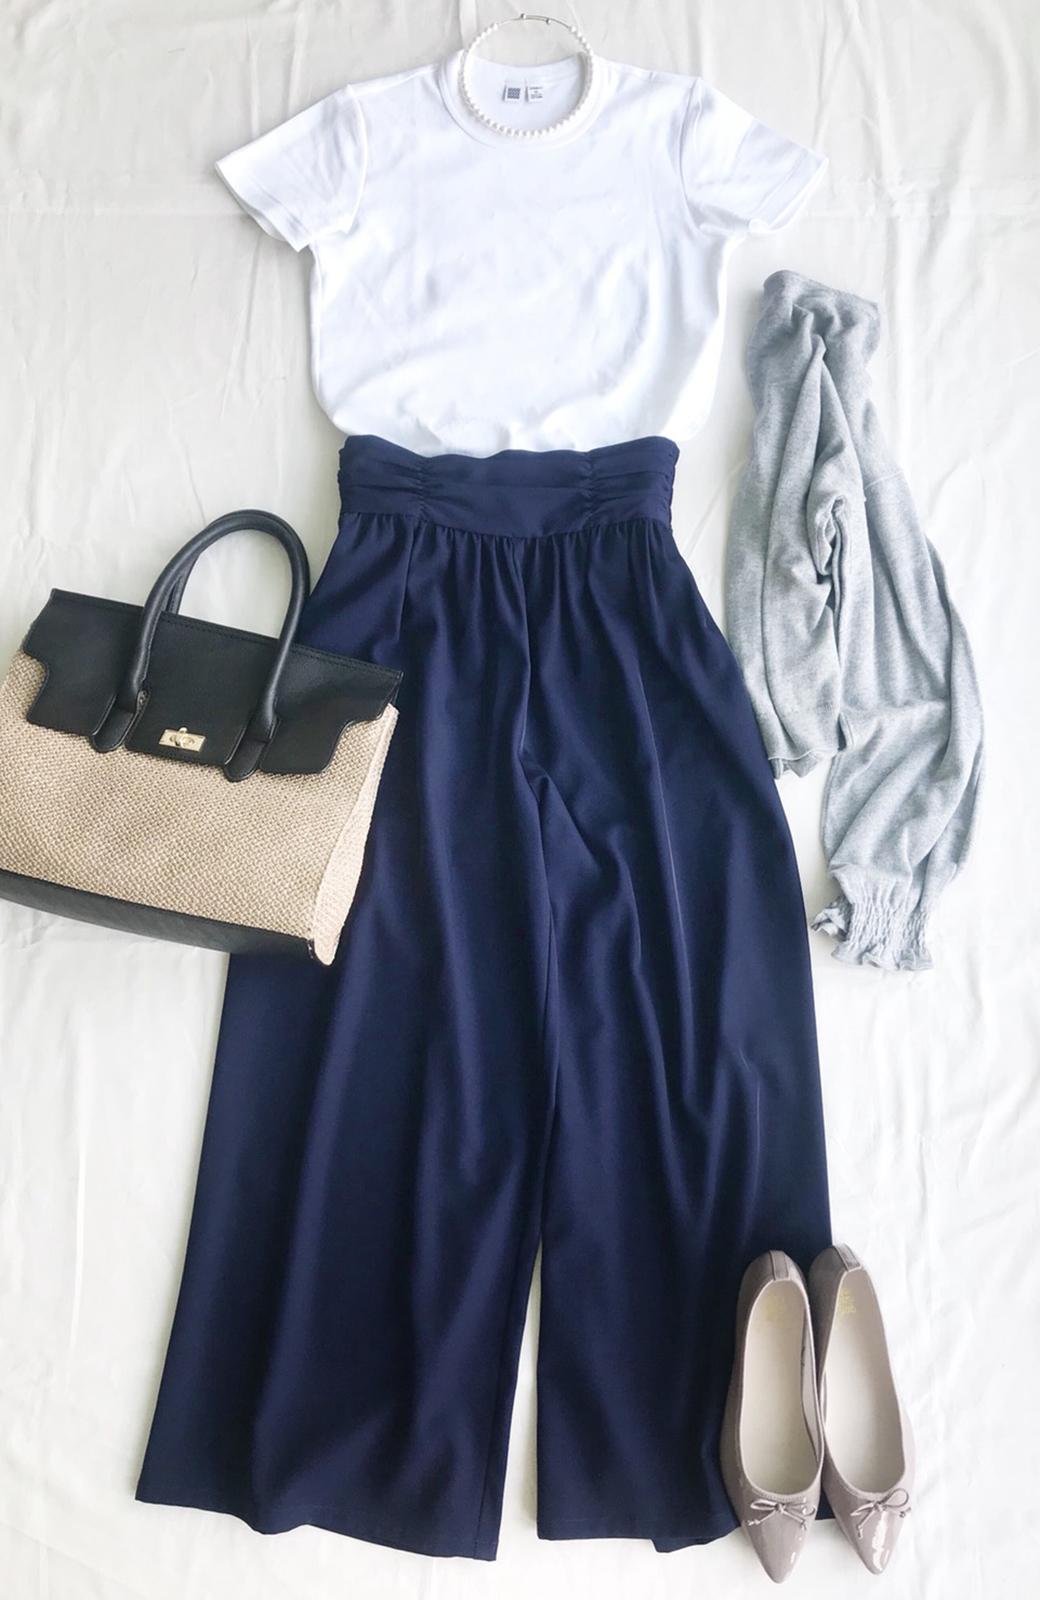 haco! 【スタッフスペシャルセット】ギリギリ女子ミオの夏のコーデに便利!手持ちのTシャツといけるんちゃうかセット  <その他>の商品写真23